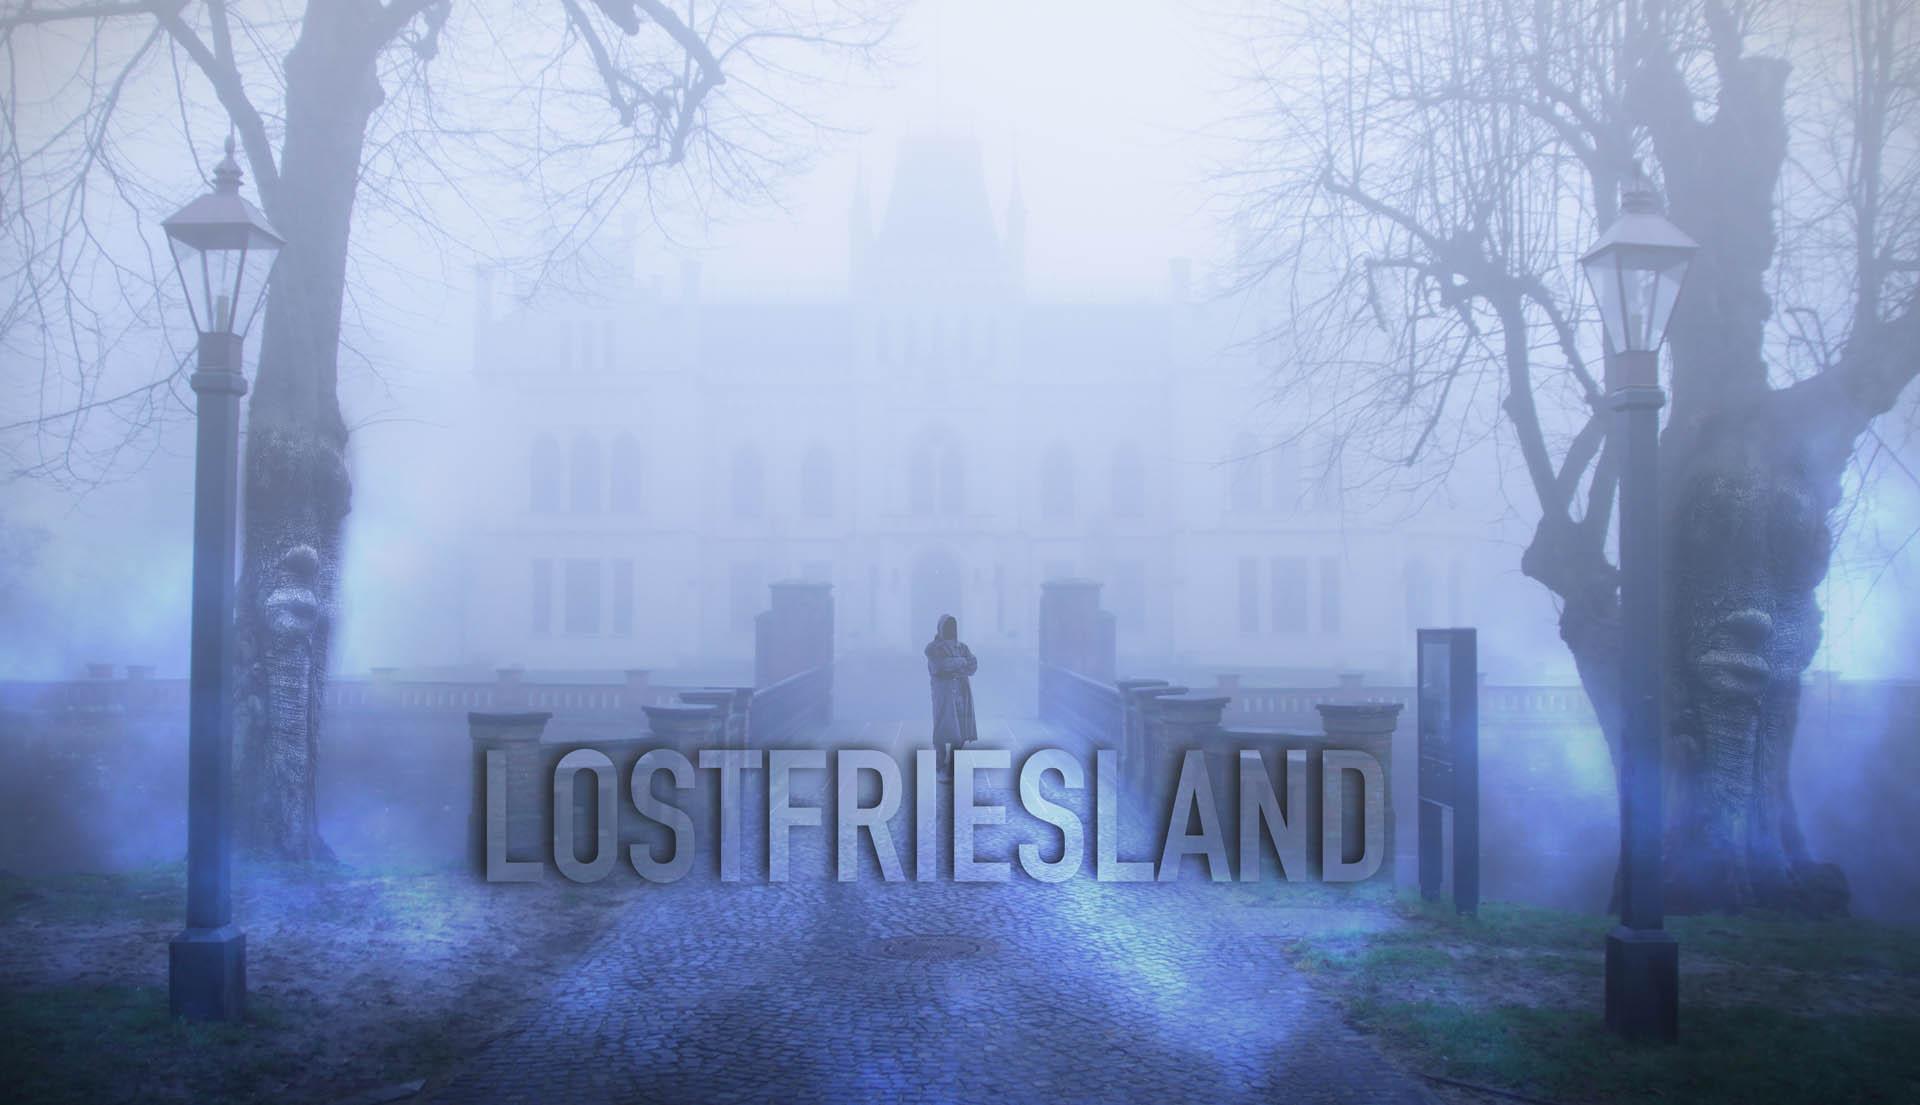 lostfriesland9